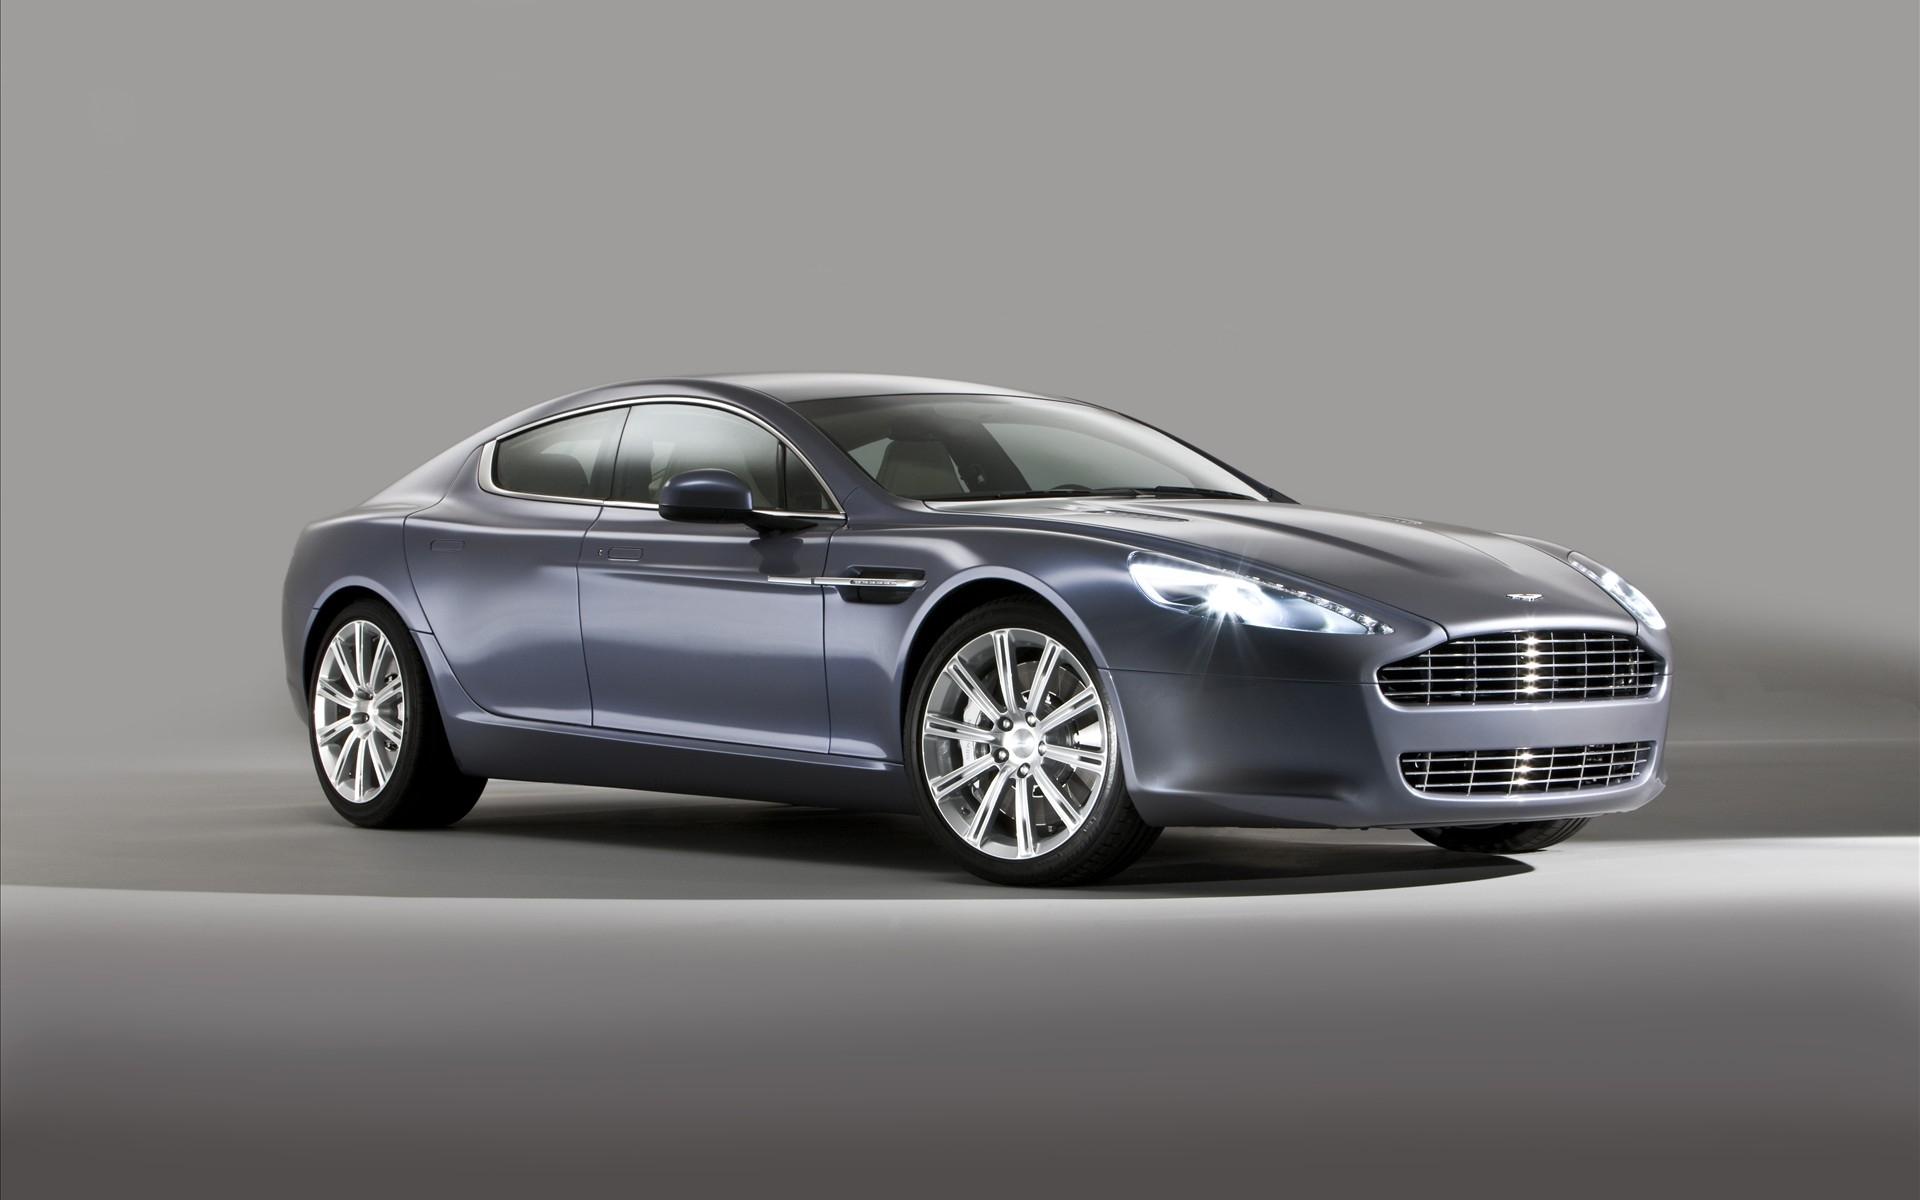 42552 скачать обои Транспорт, Машины, Астон Мартин (Aston Martin) - заставки и картинки бесплатно